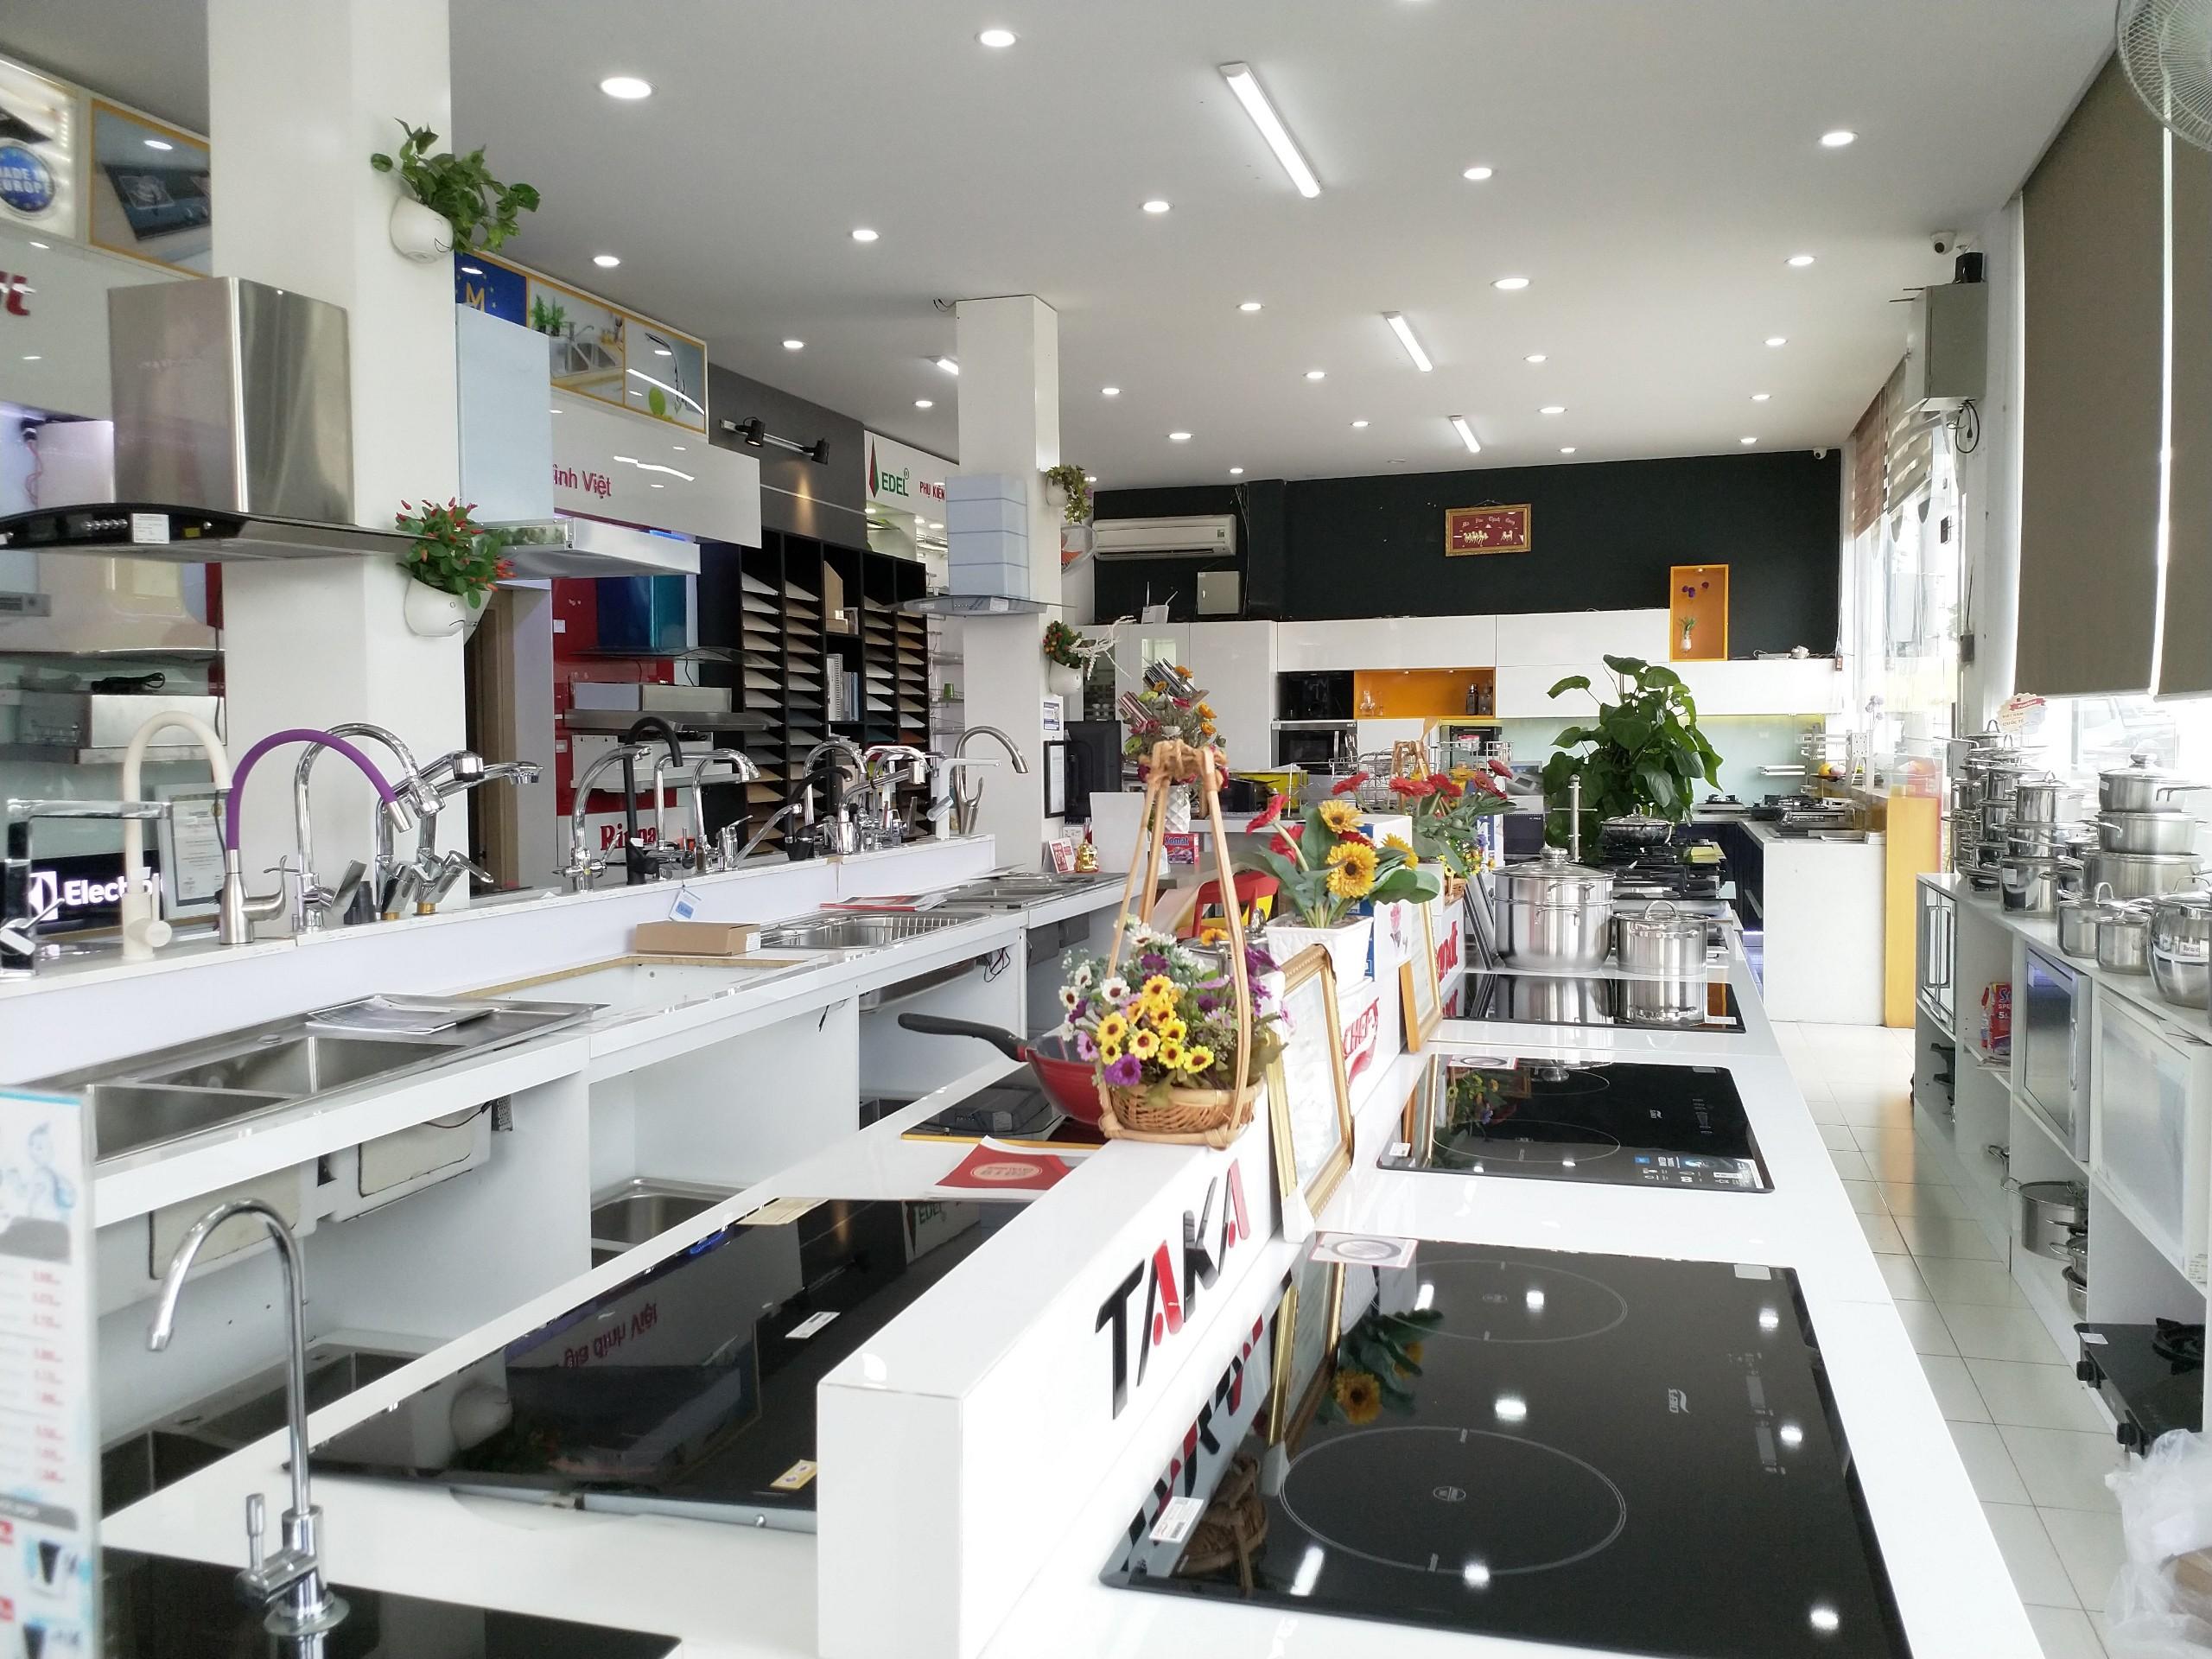 Địa chỉ bán bếp từ uy tín tại nghệ an